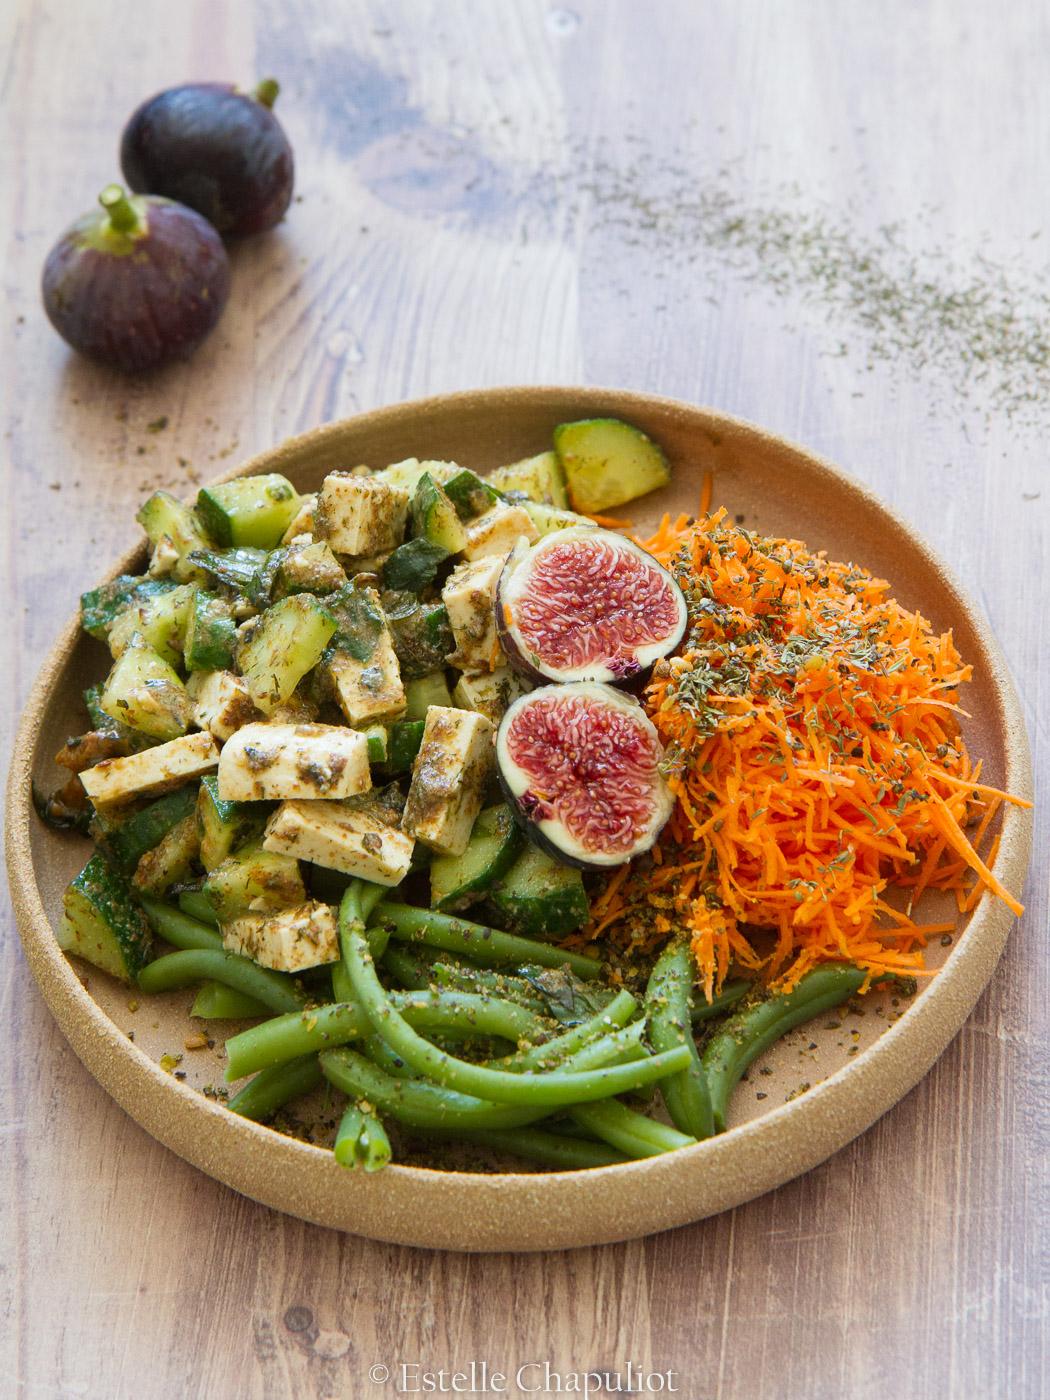 Salade composée colorée et savoureuse, vegan et sans gluten